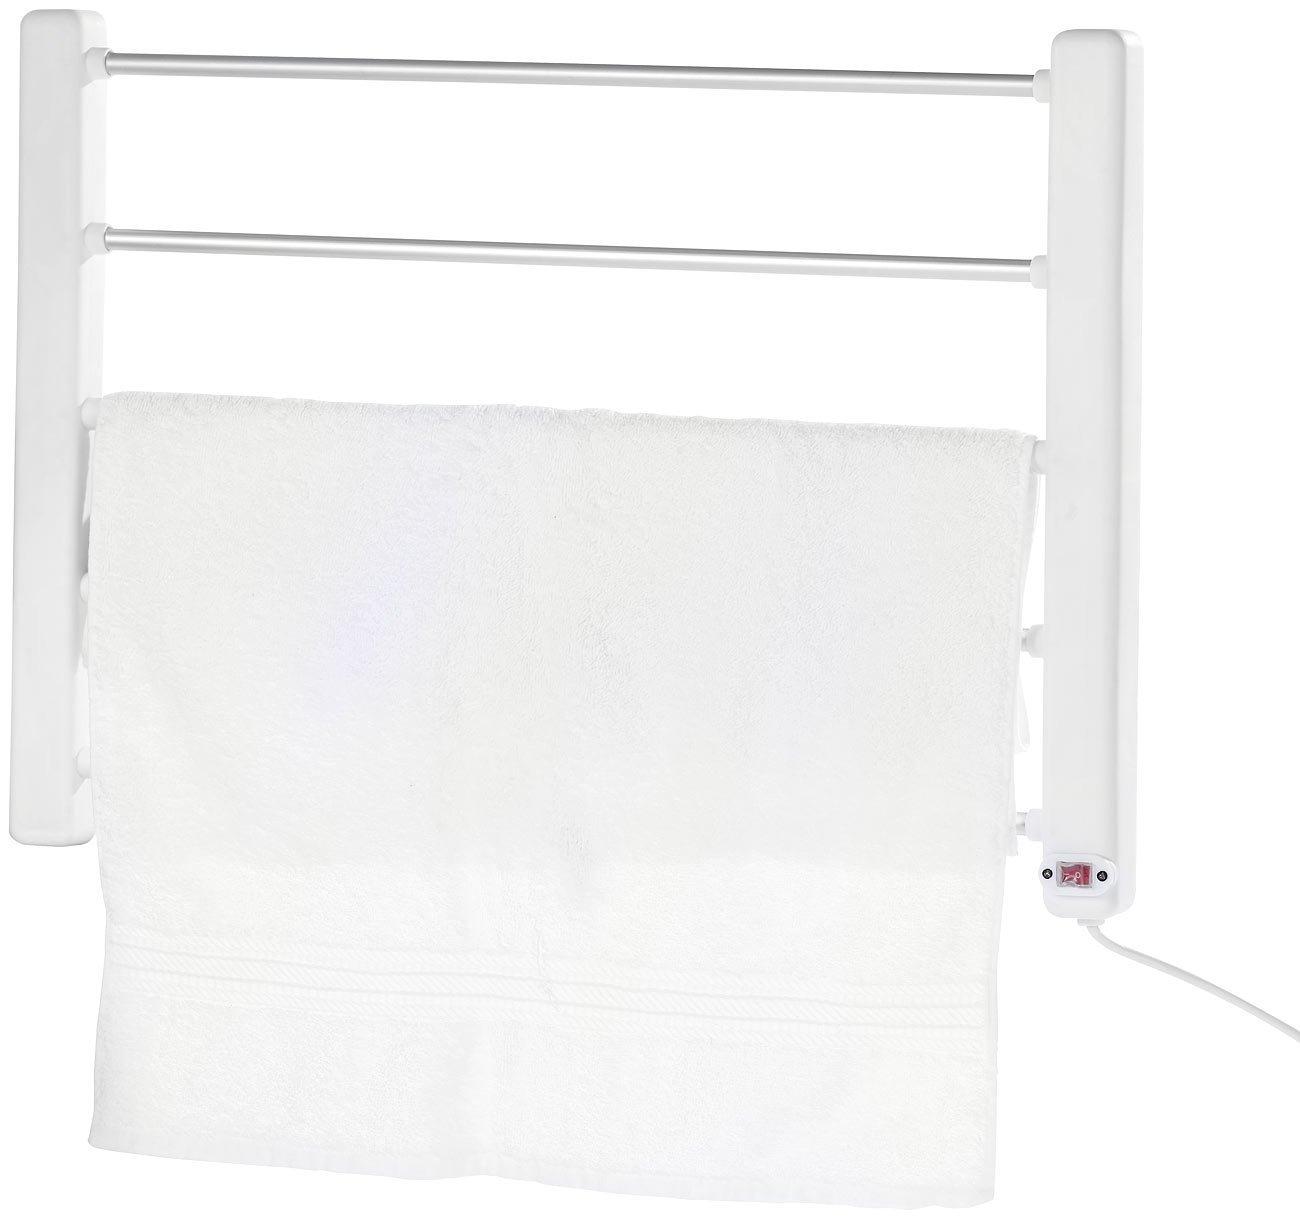 profi handtuchtrockner handtuckw rmer handtuch vorw rmer bad heizung beheizt. Black Bedroom Furniture Sets. Home Design Ideas